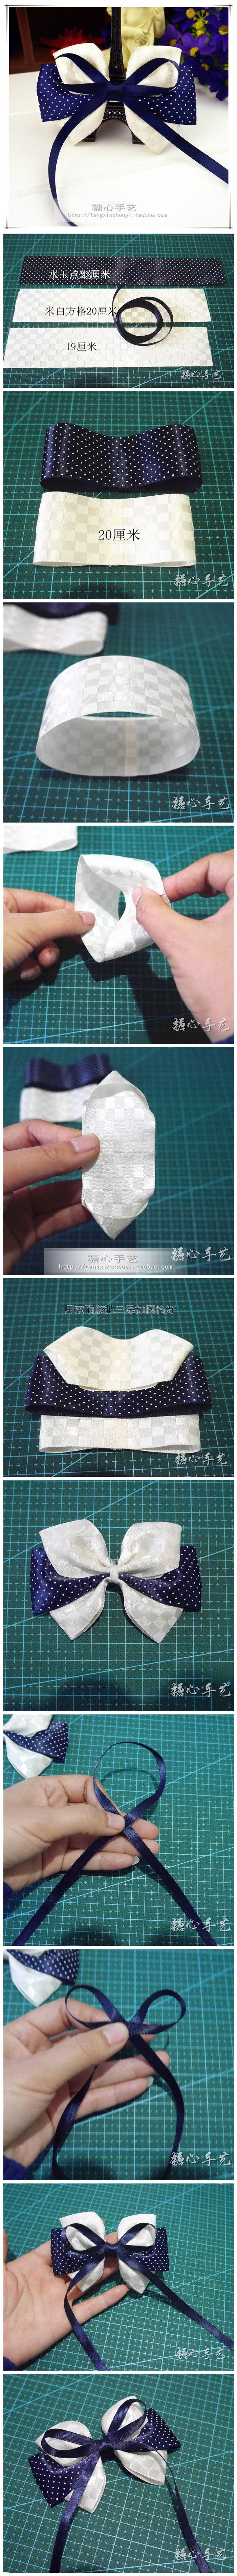 糖心手艺diy小屋 https://tangxinshouyi.taobao.com 糖心qq:603223636